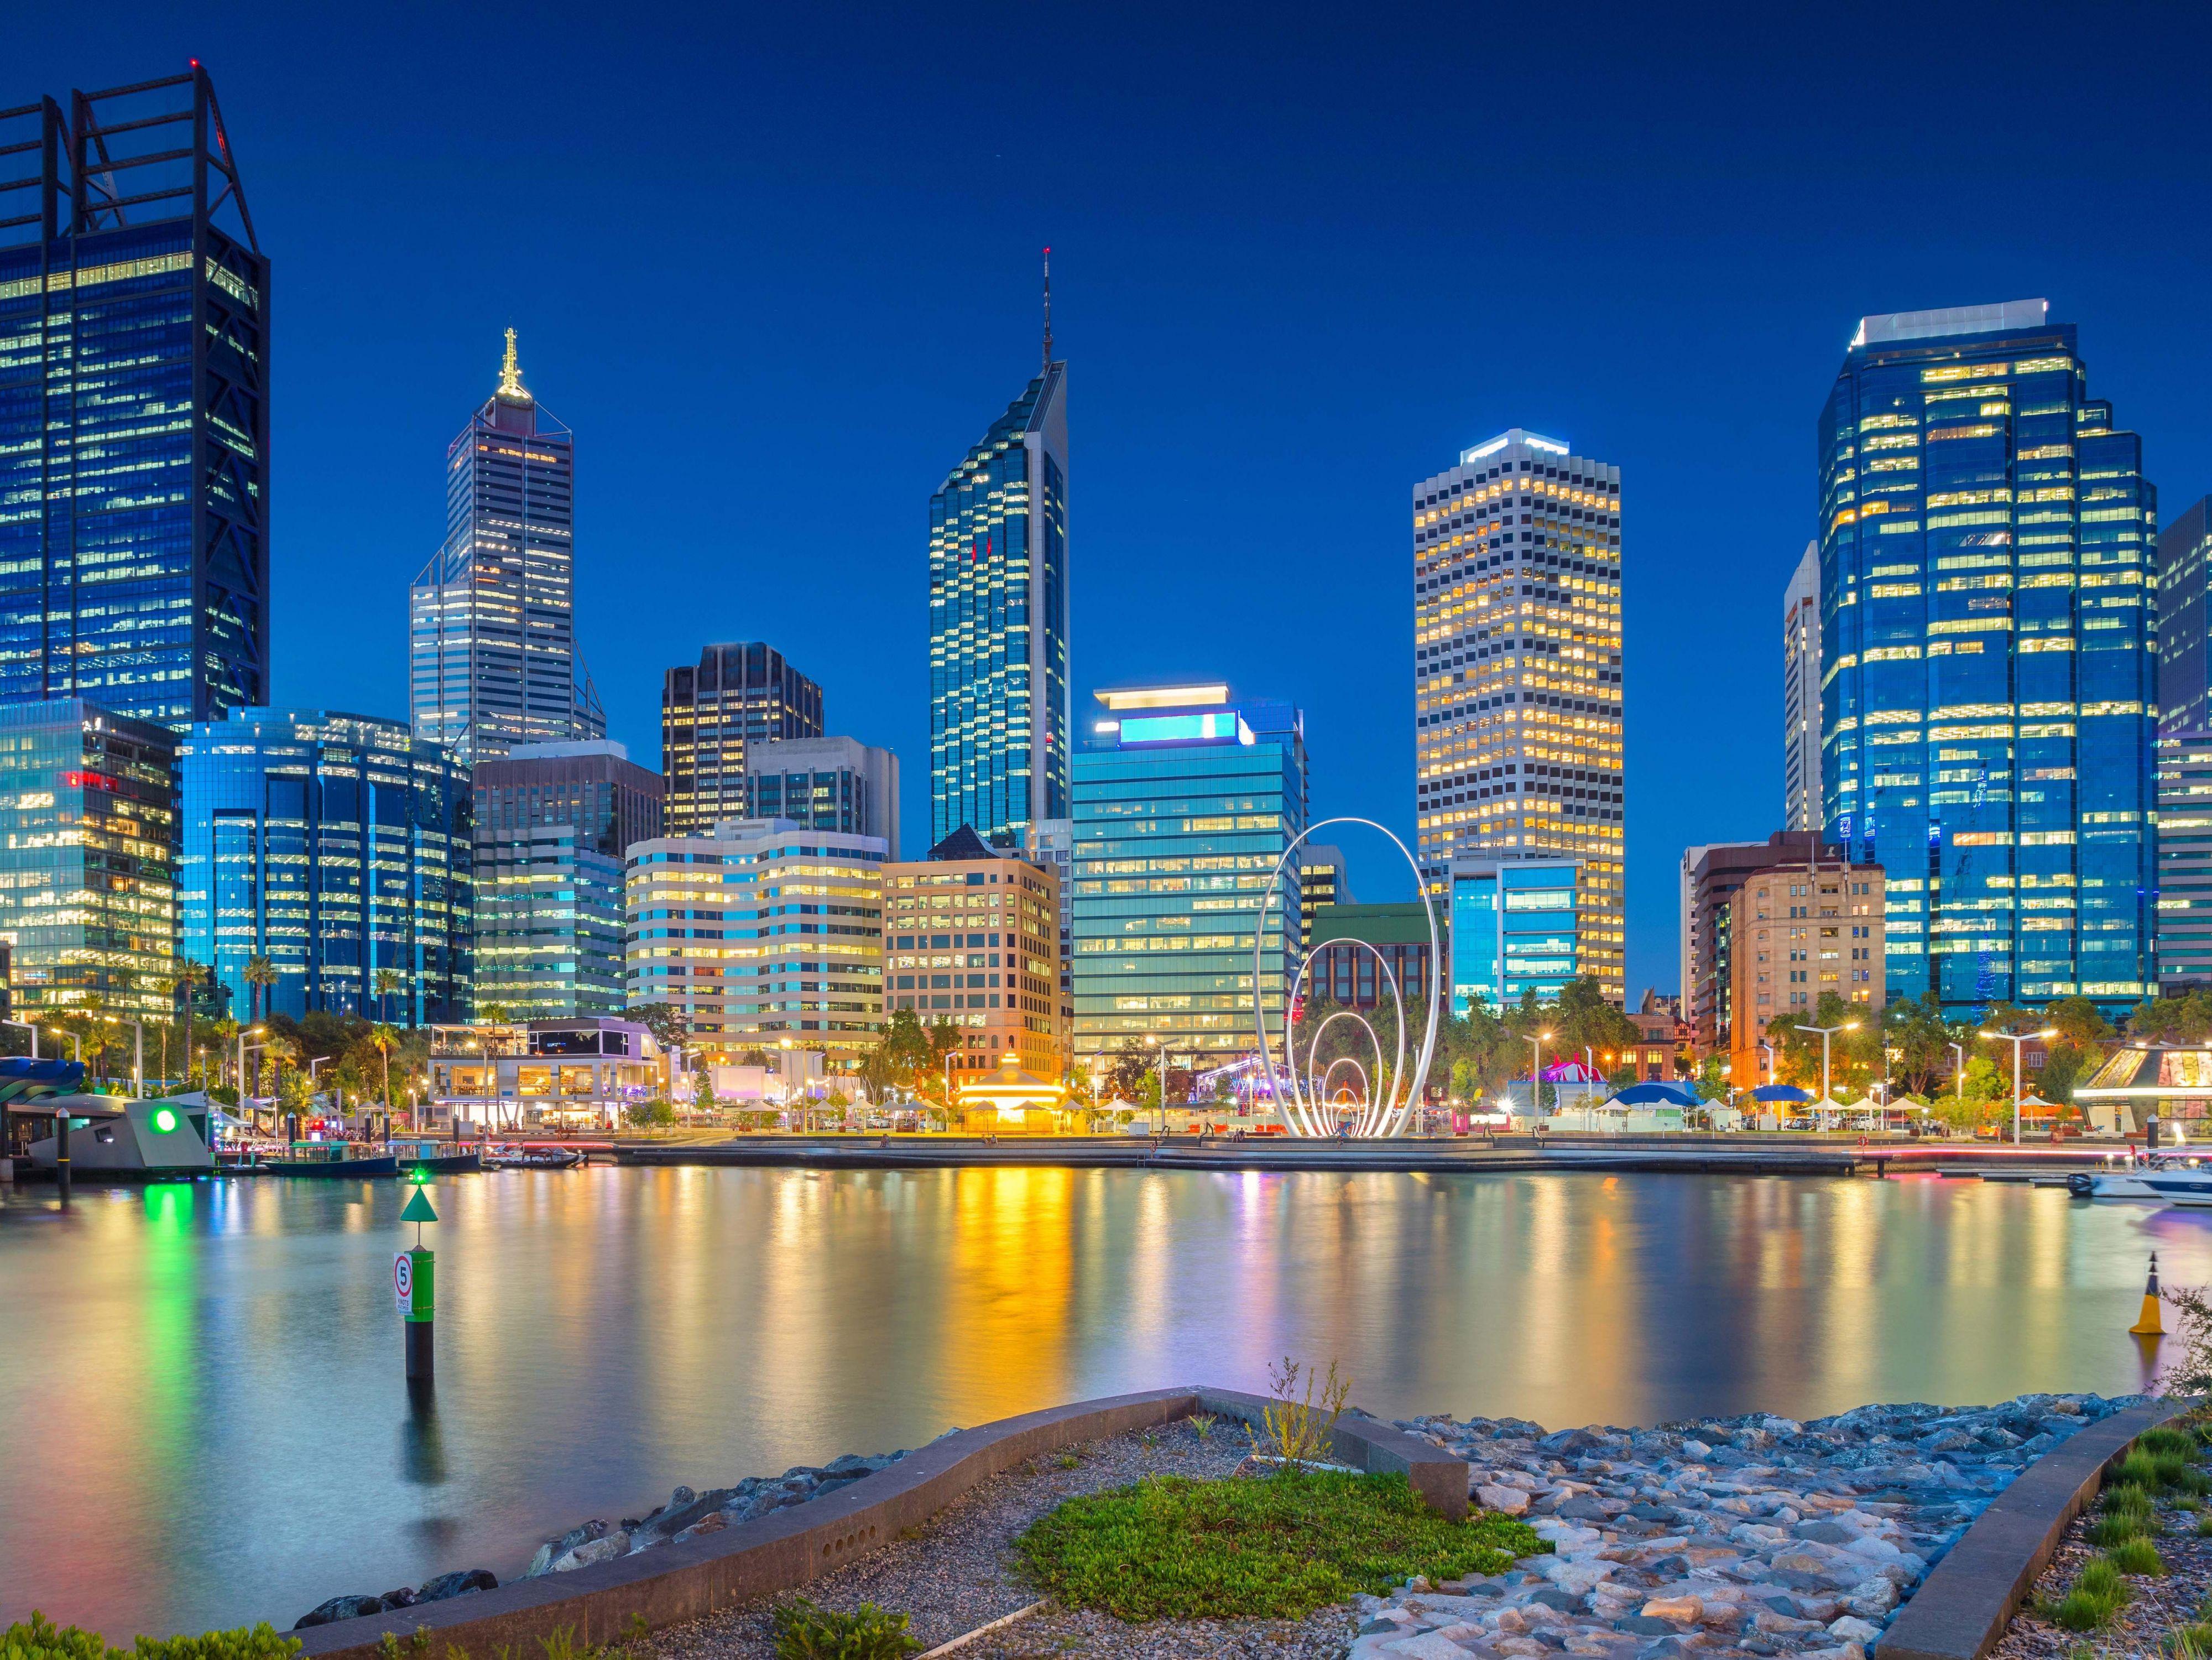 veloce impressioni velocità dating Perth milionario servizio di incontri online